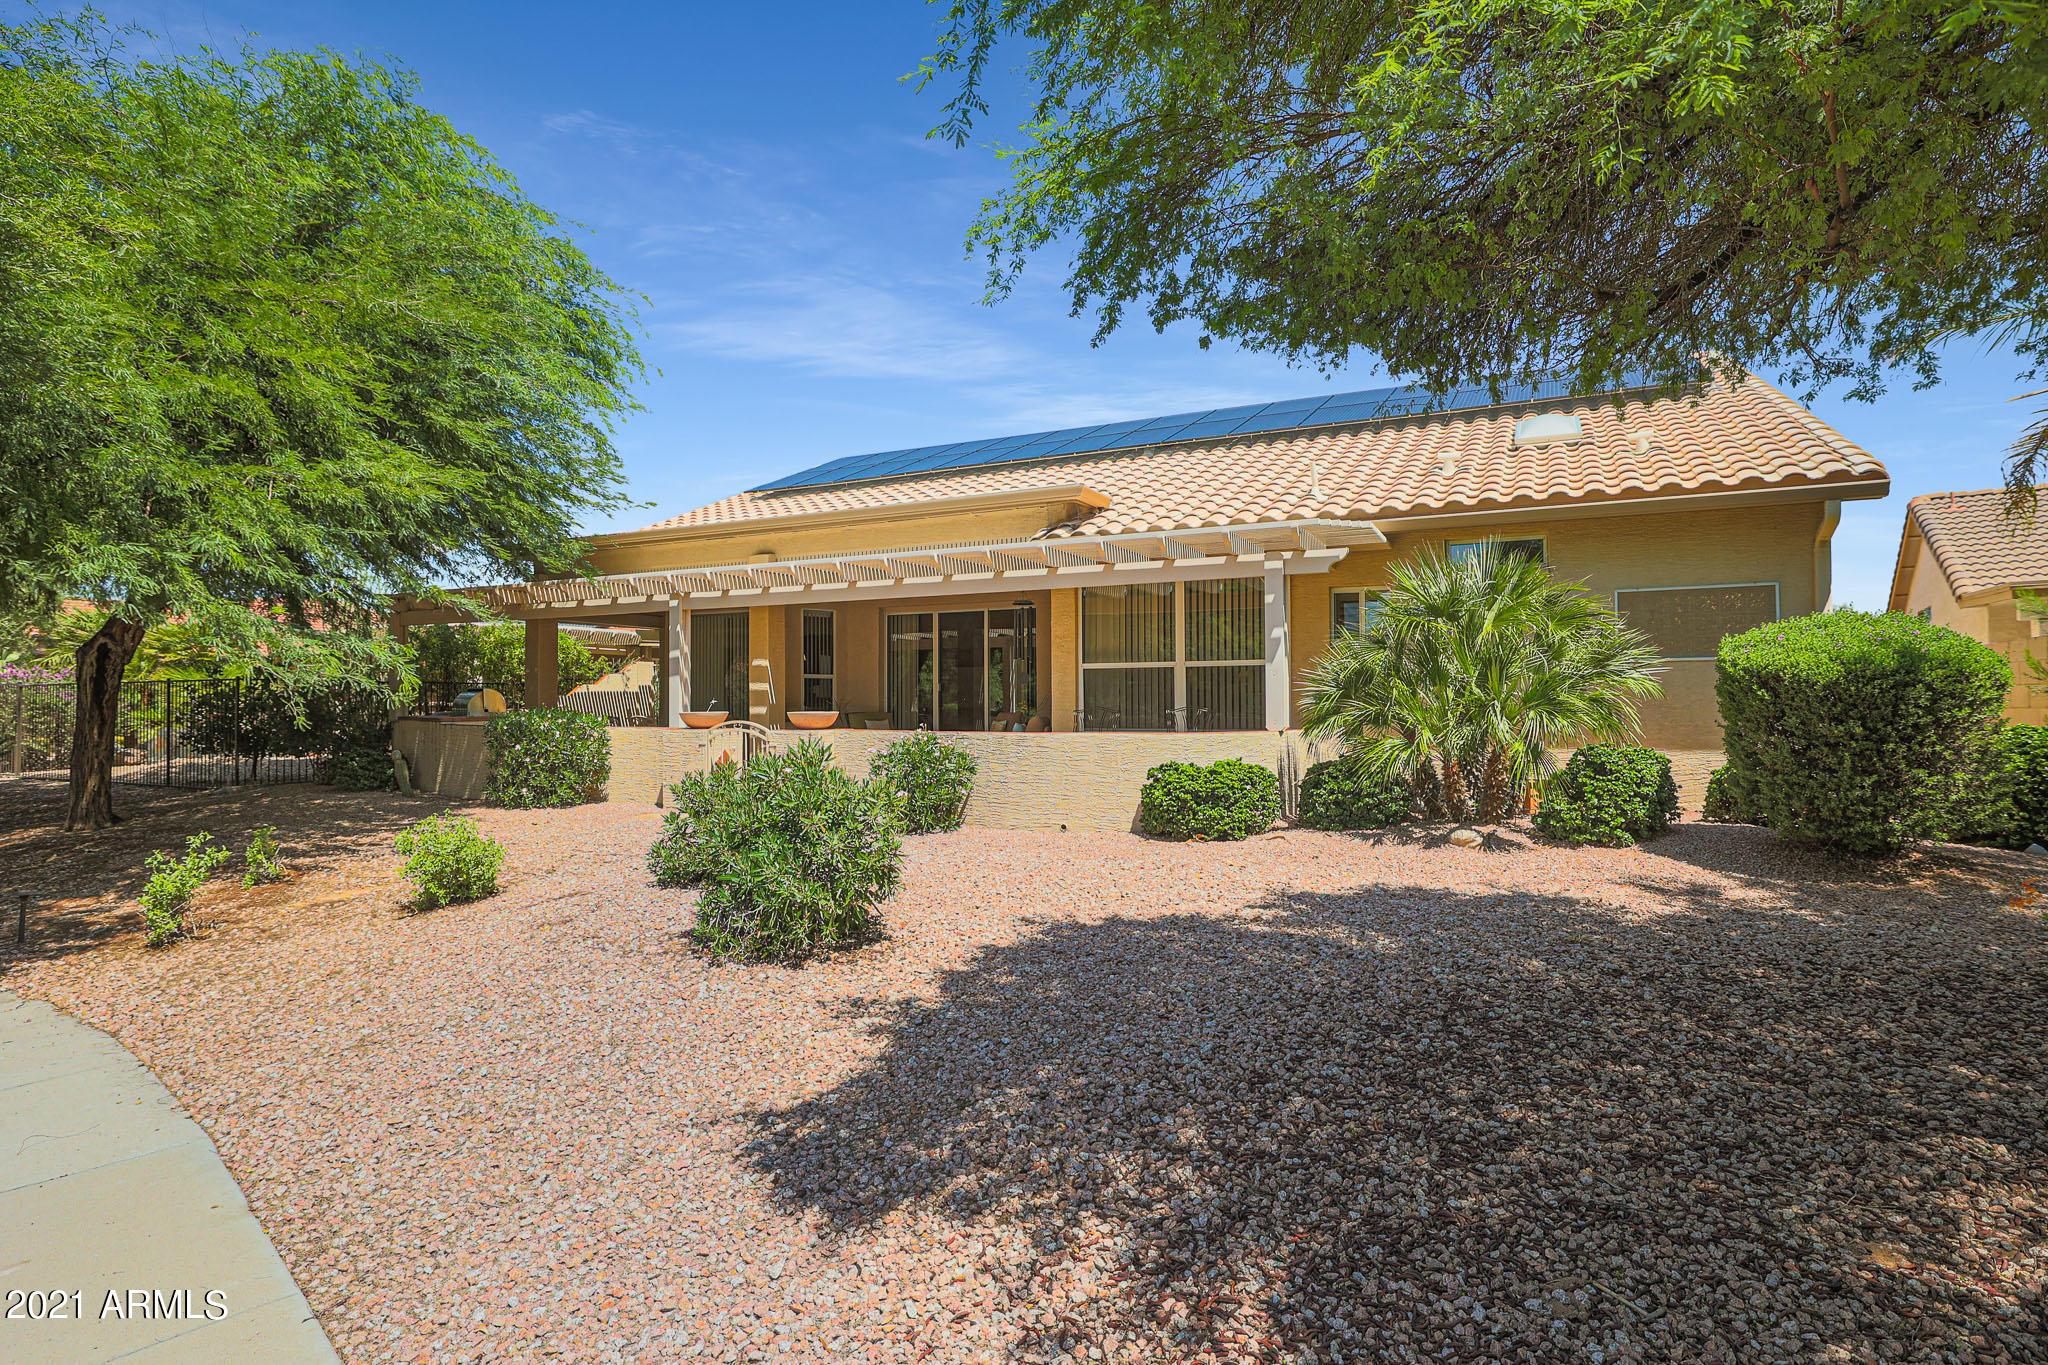 MLS 6269531 16123 W MULBERRY Drive, Goodyear, AZ 85395 Goodyear AZ Pebblecreek